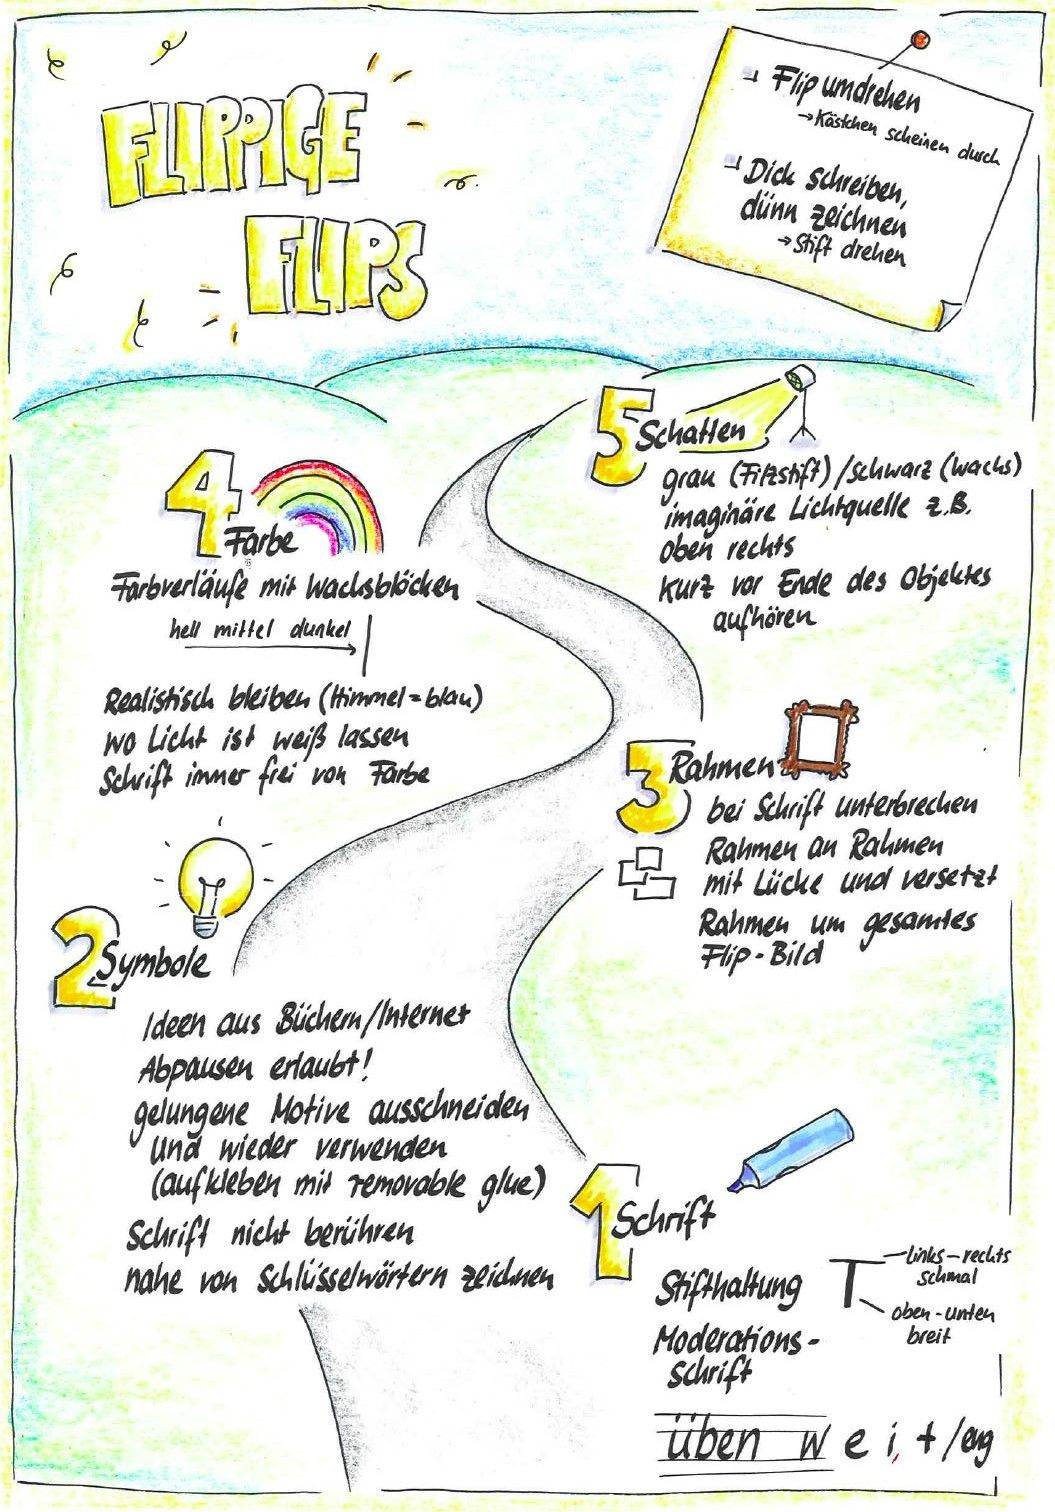 Zusammenfassung Farbig Arbeit Fc Gestalten Pinterest Flipchart